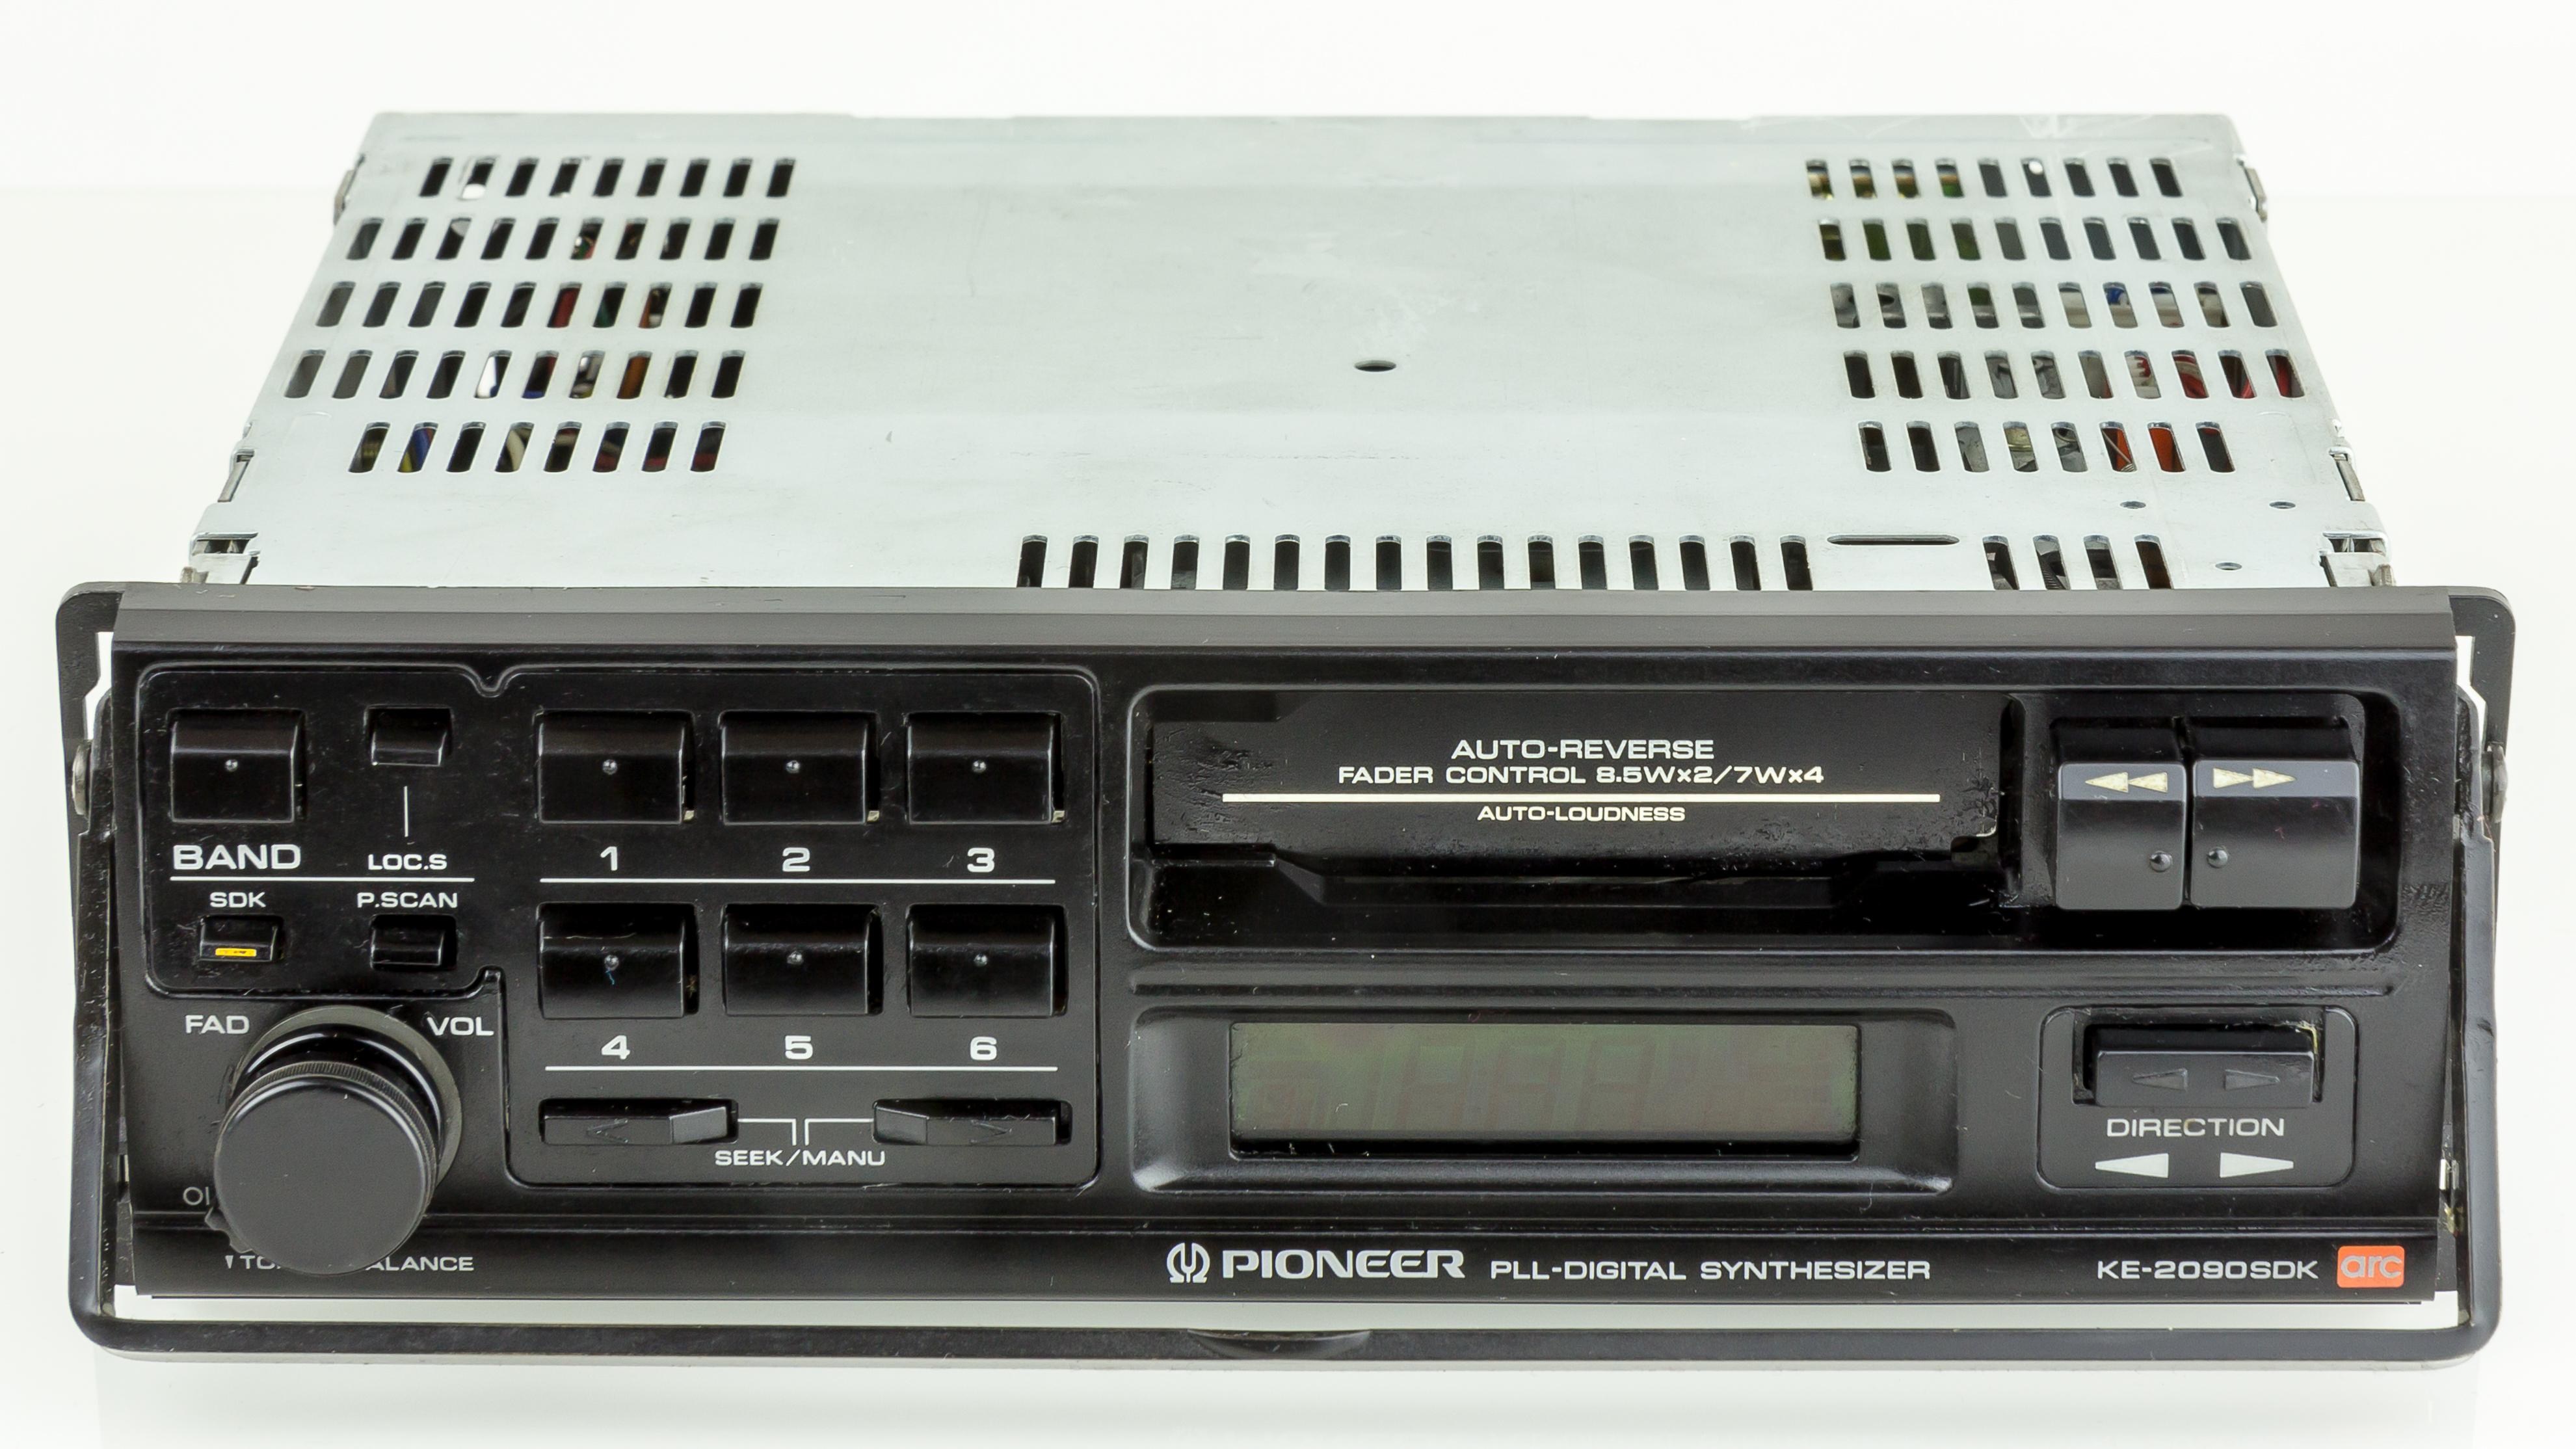 File:Pioneer KE-2090SDK-2407.jpg